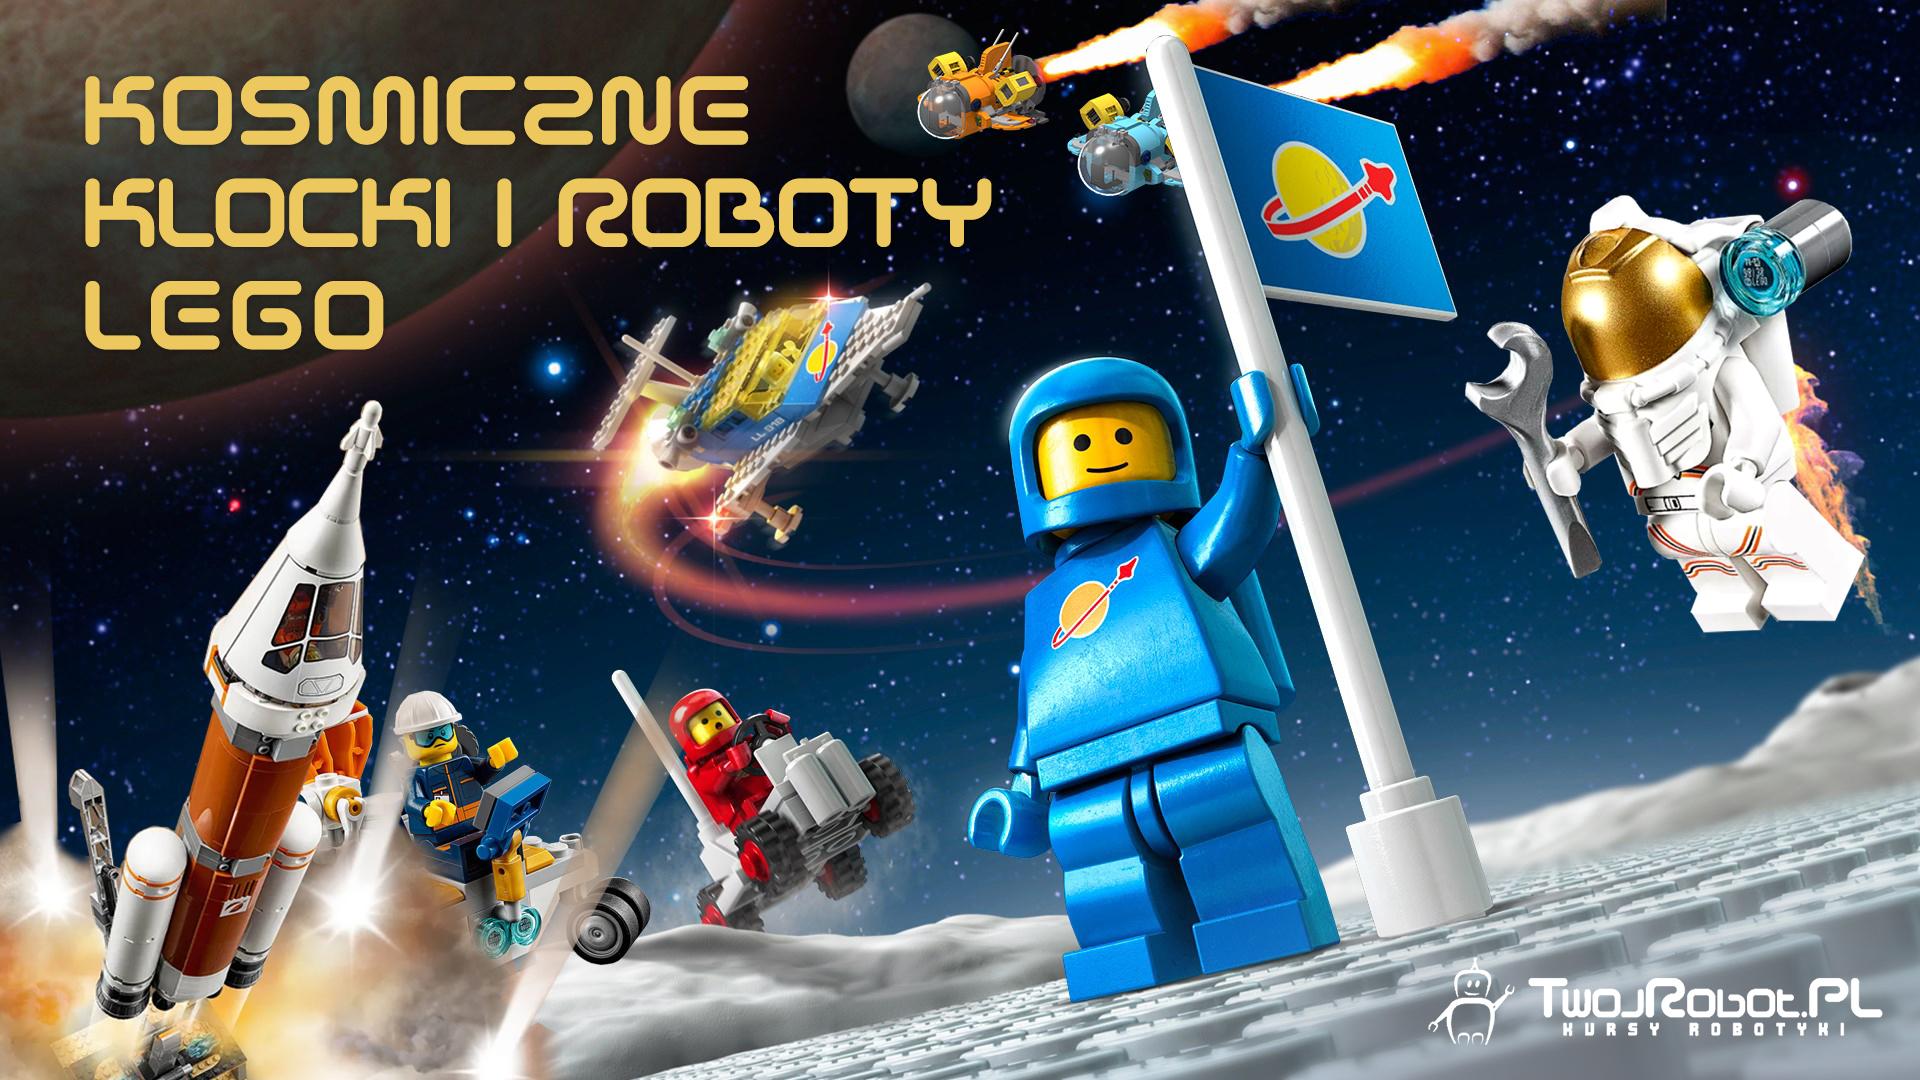 Półkolonie w Warszawie: Kosmiczne klocki i ROBOTY LEGO